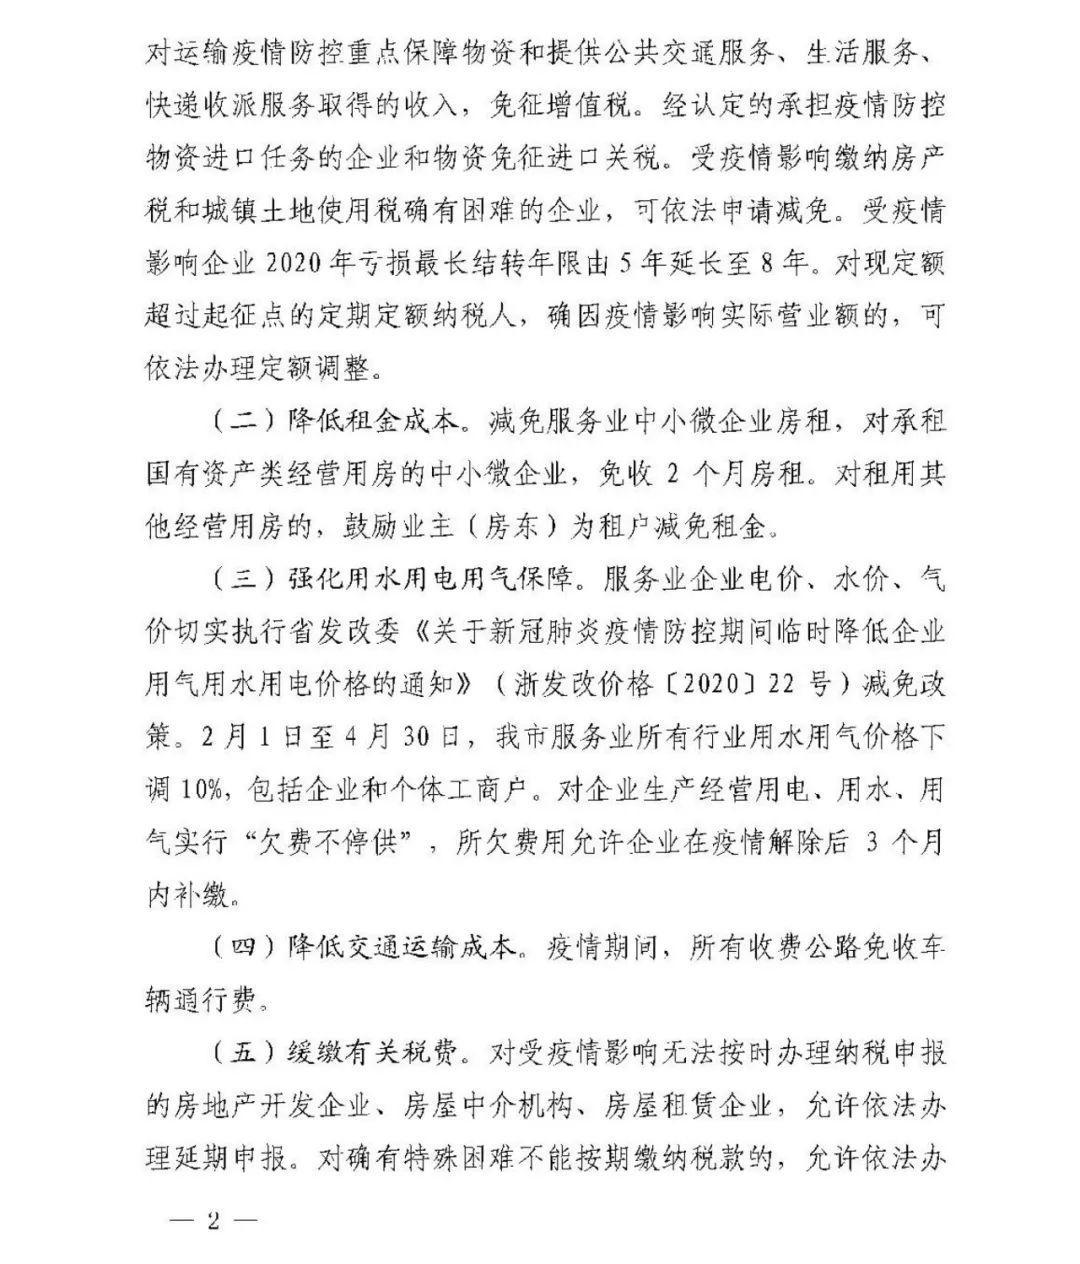 宁波市人民政府:对参与属地疫情防控工作的物业服务企业给予2个月每平方米0.5元标准的财政补助!